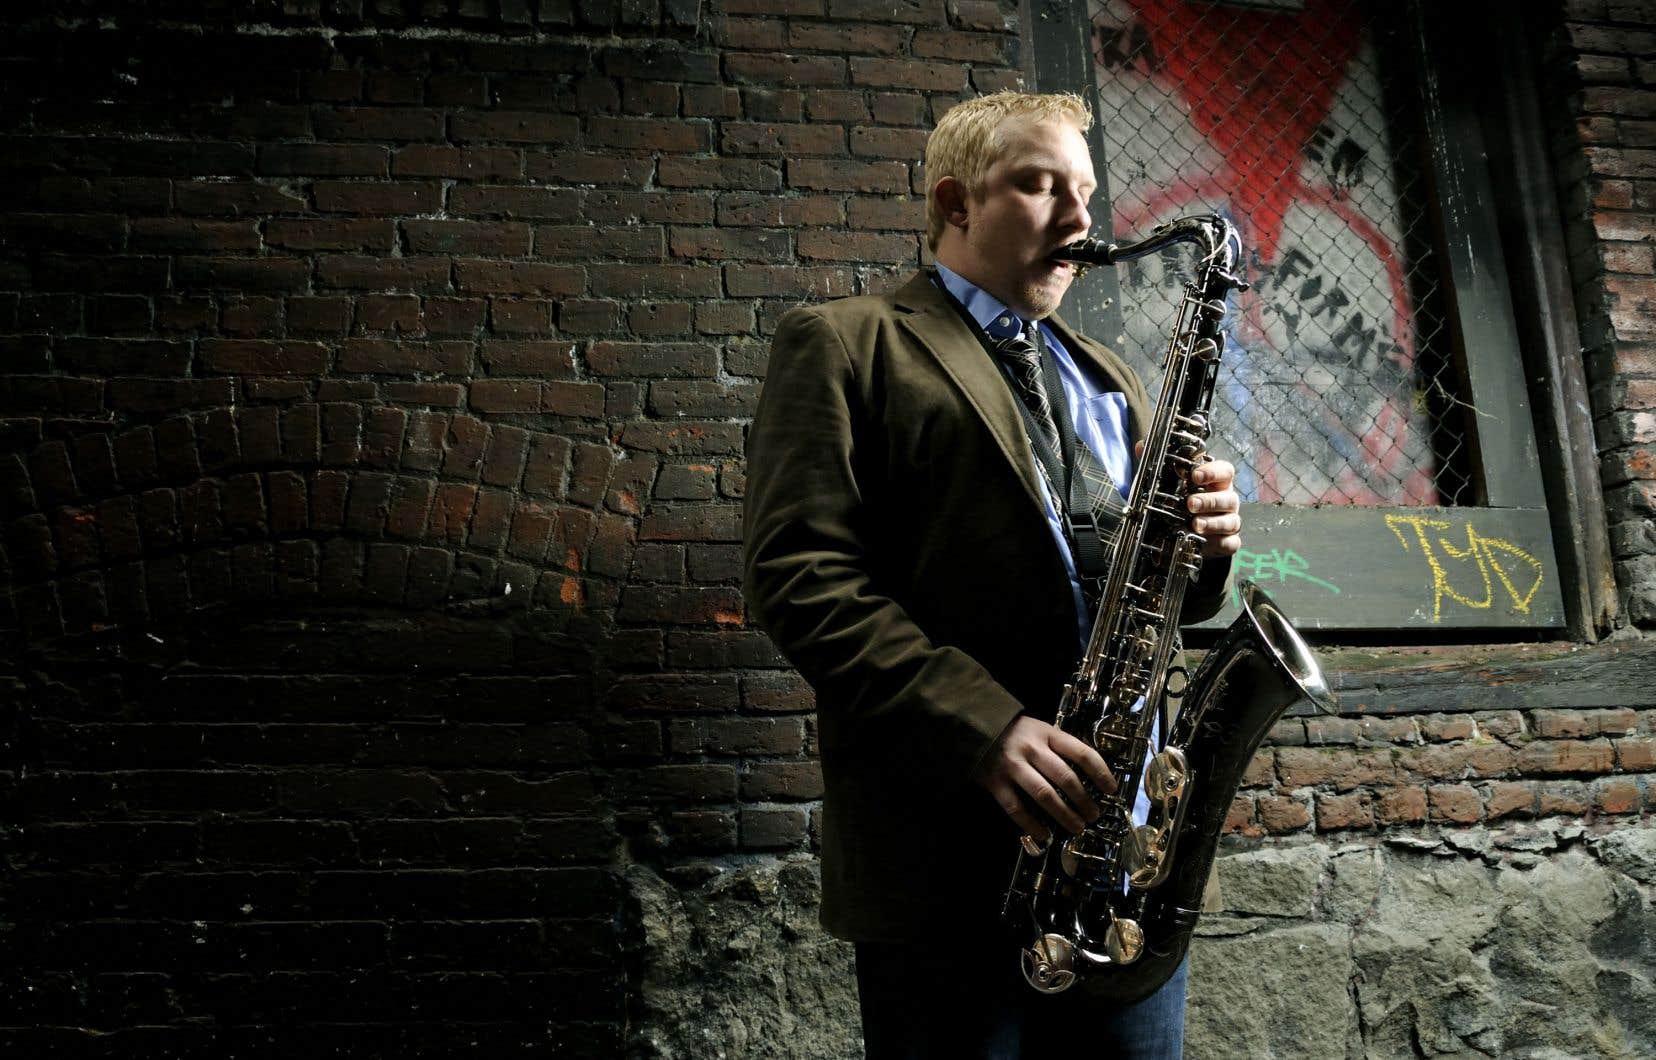 Le saxophoniste alto Cory Weeds, héritier de Jackie McLean, a décidé un beau jour d'étendre son activisme à la production d'albums.